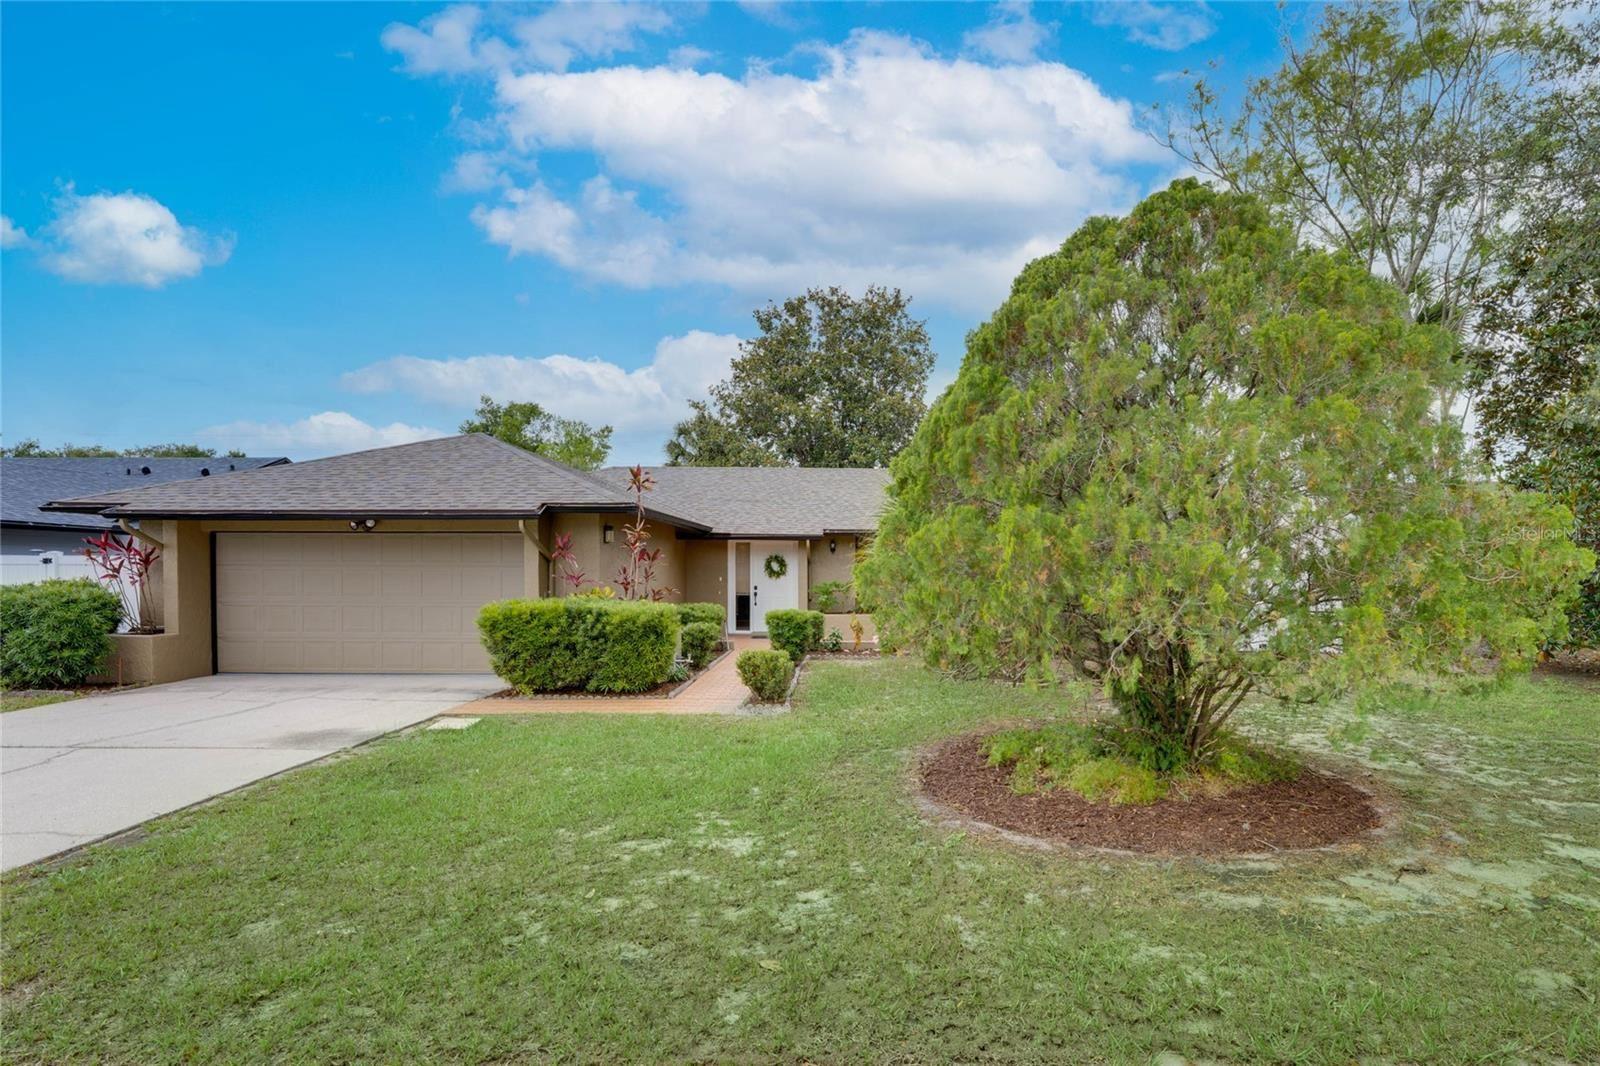 7059 CITRUS POINT COURT, Winter Park, FL 32792 - #: O5949167